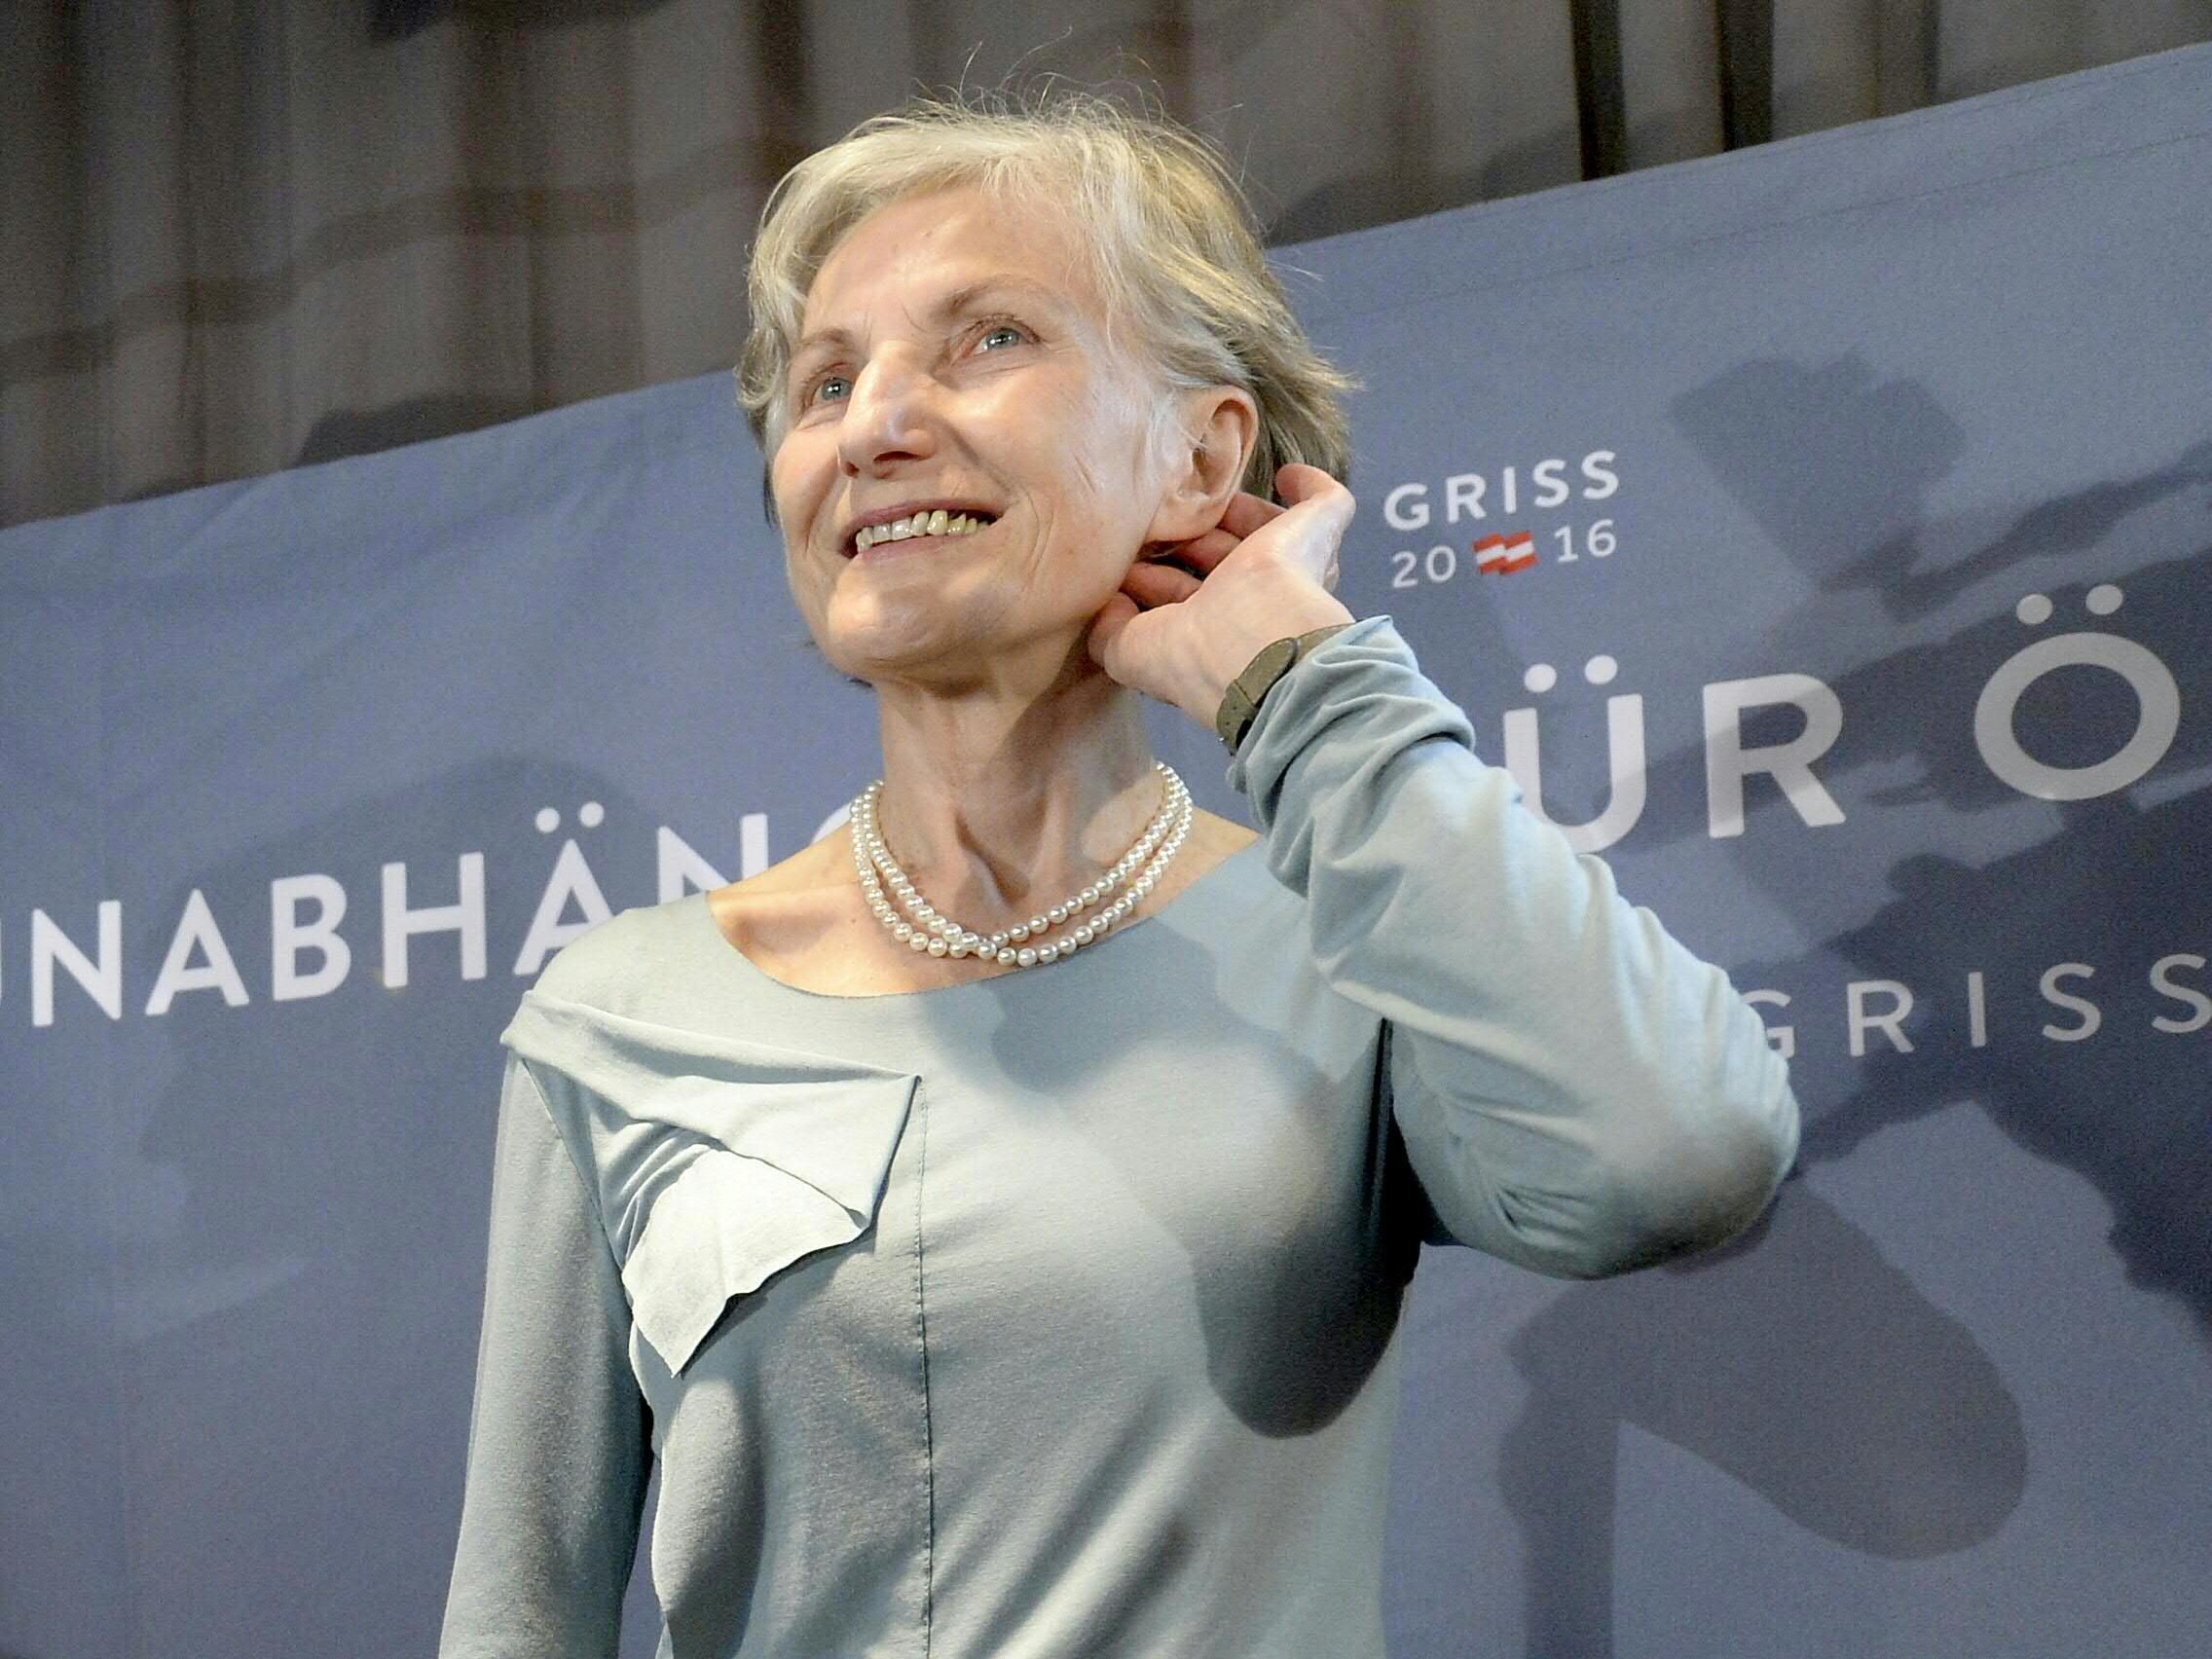 Präsidentschaftskandidatin Irmgard Griss will politisch aktiv bleiben.